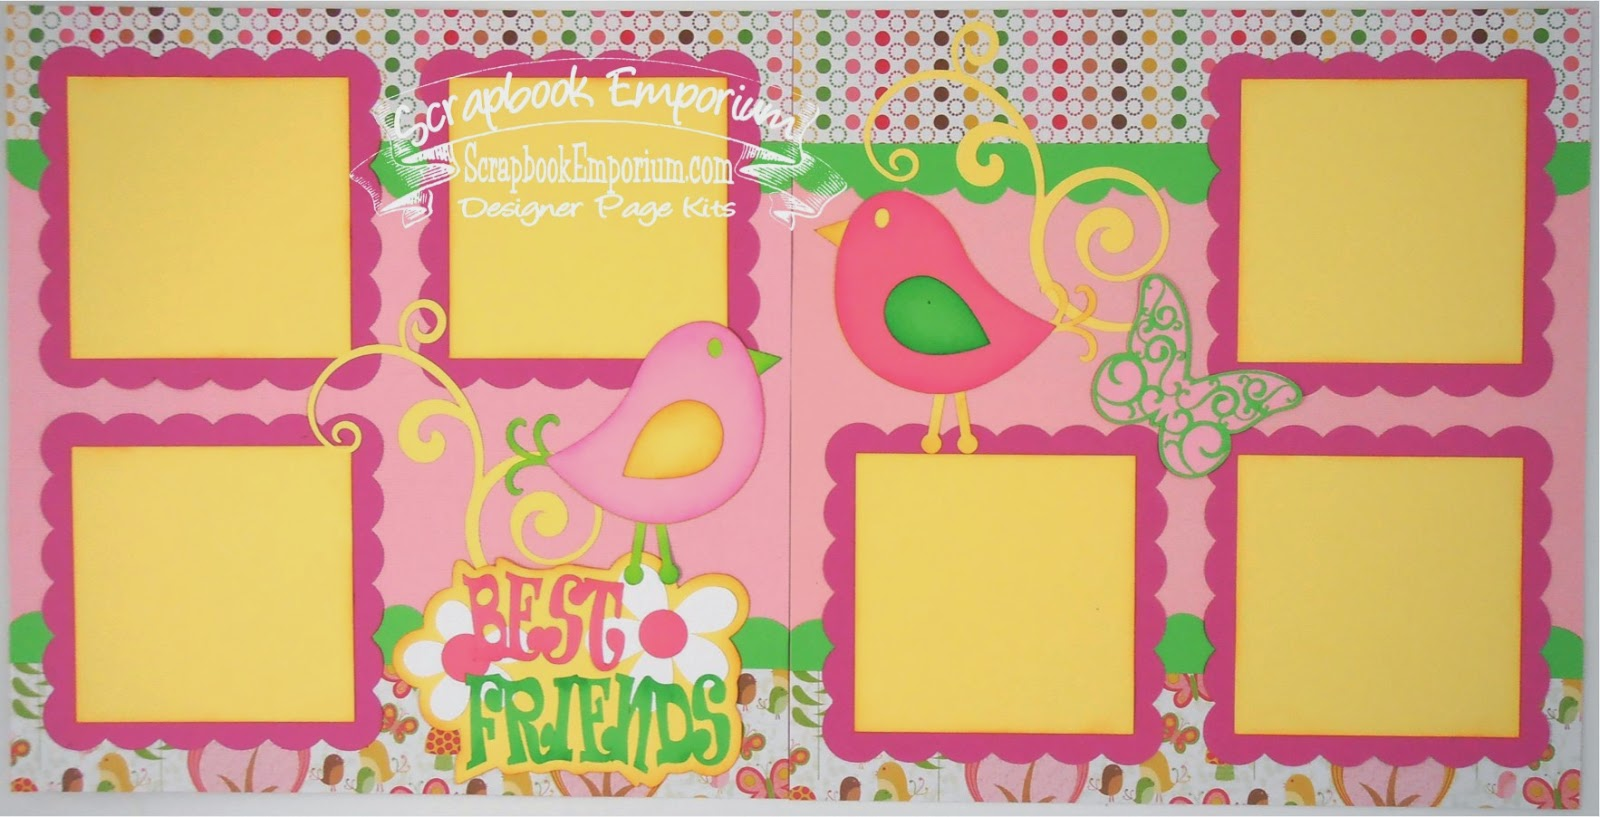 Best friend scrapbook ideas - Best Friends Scrapbook Pages Page Kits